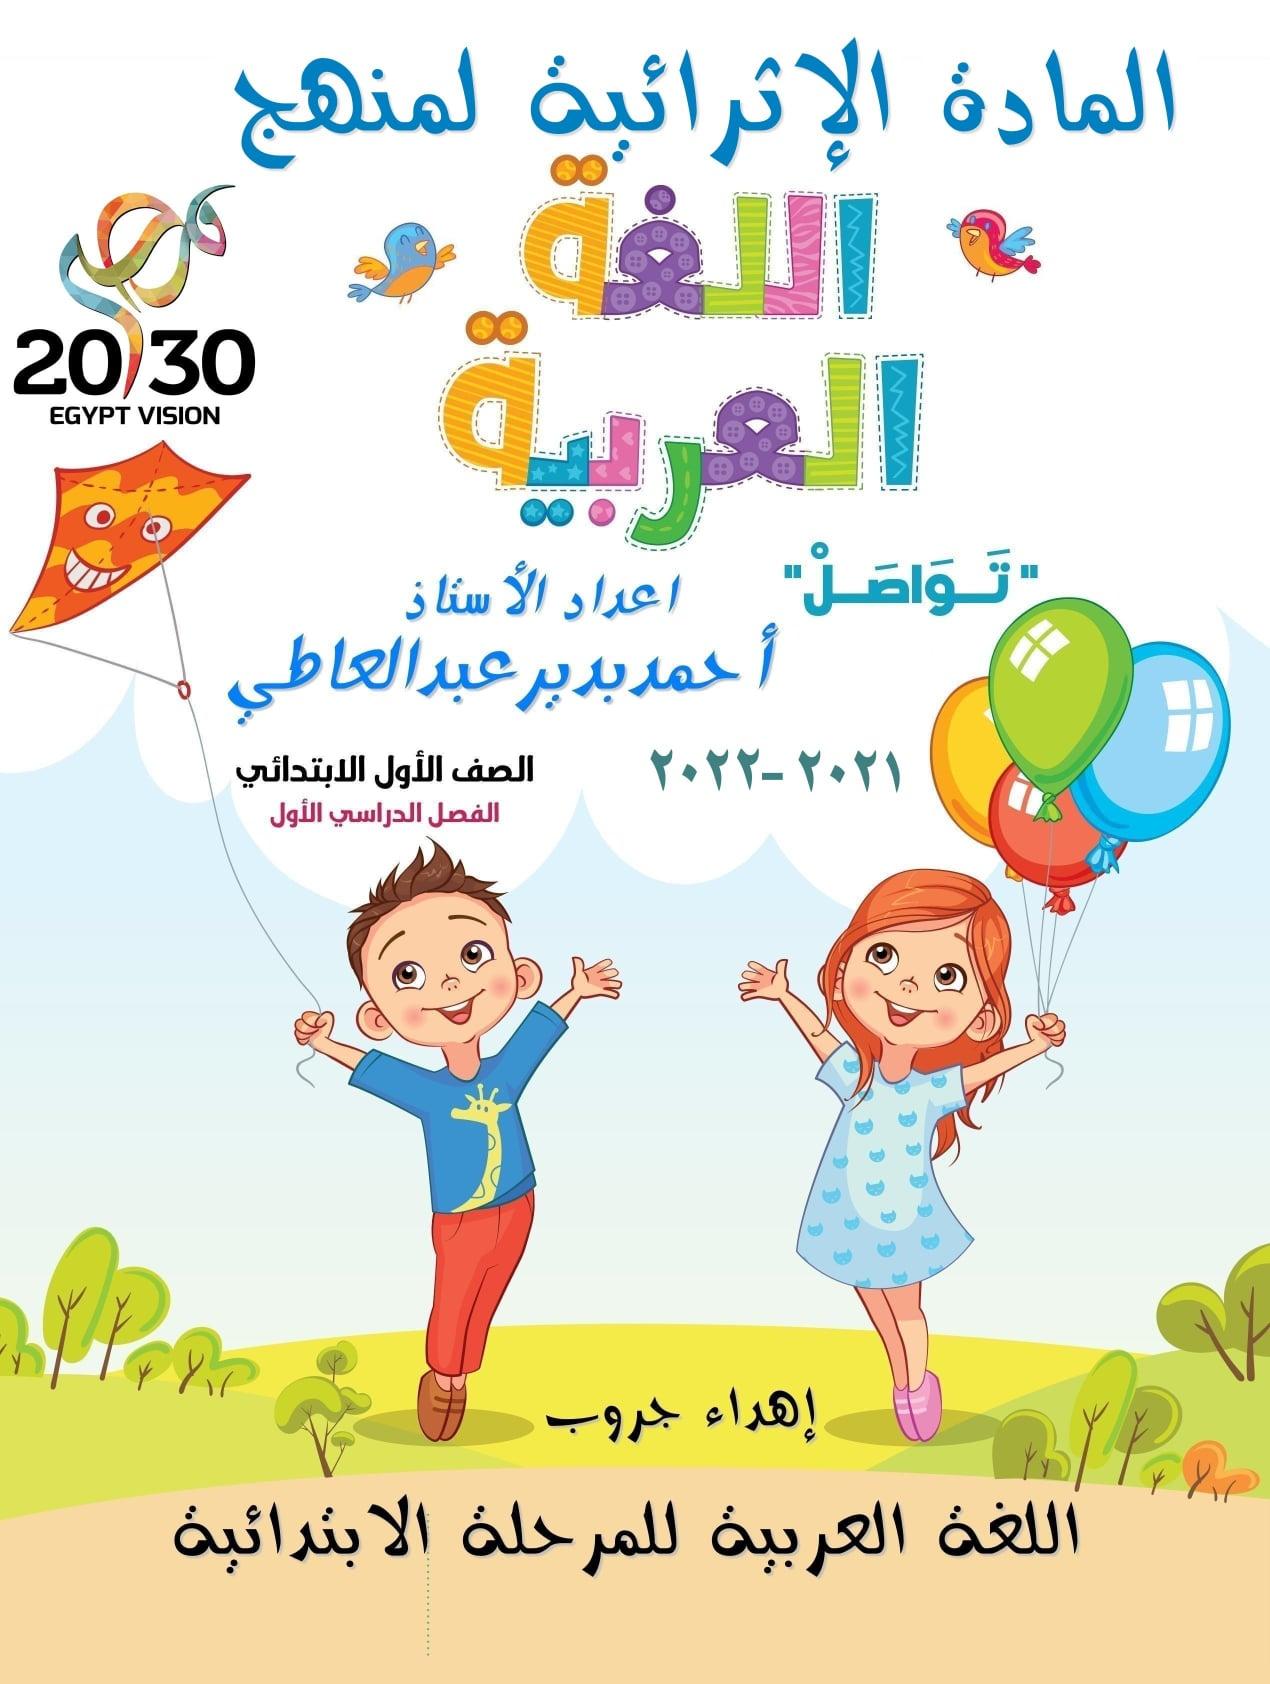 مذكرة حروف اللغة العربية للصف الأول الابتدائي